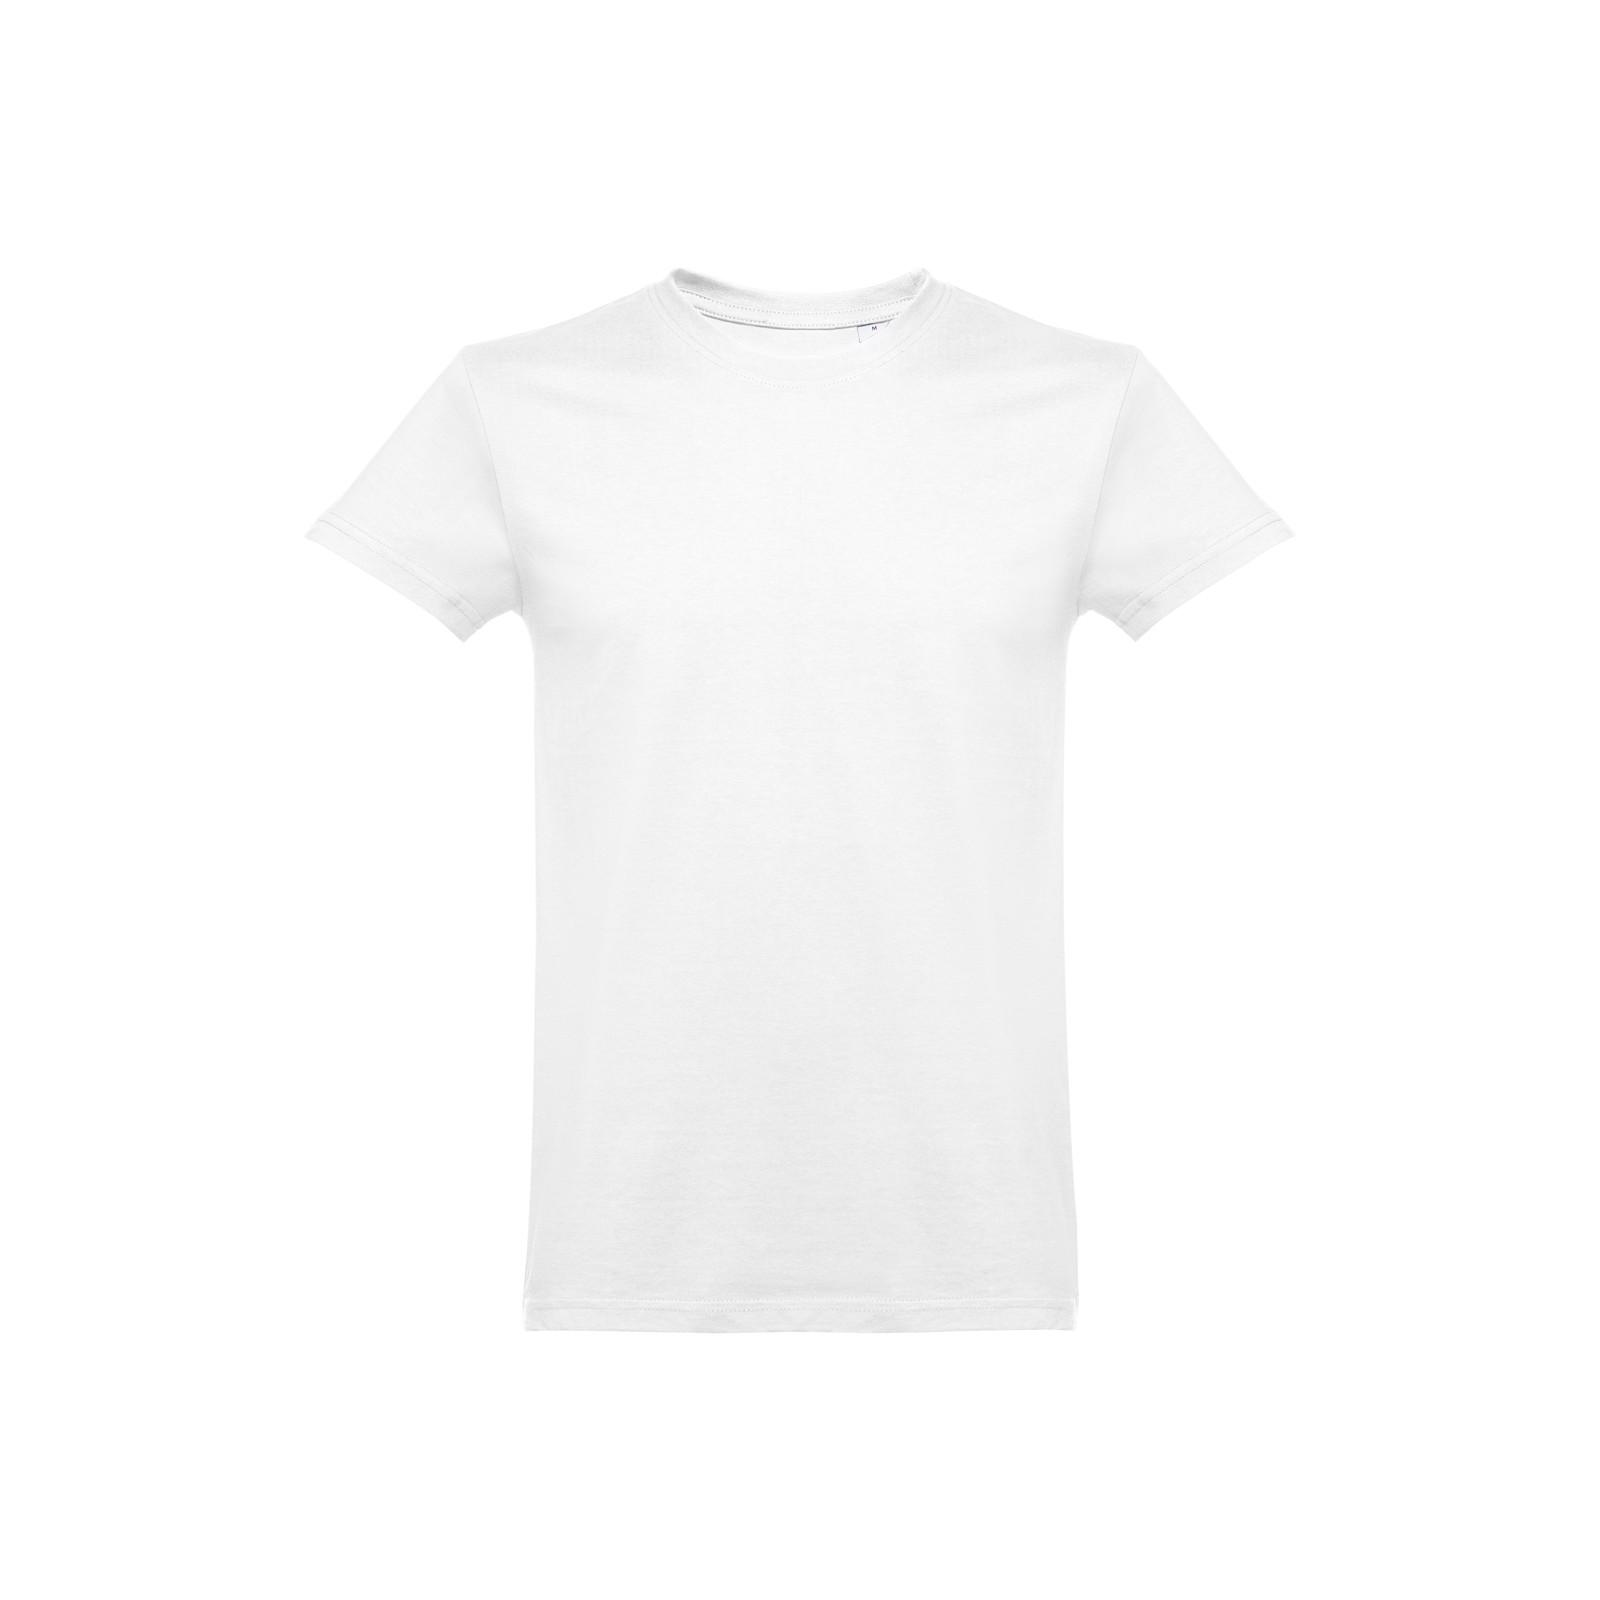 ANKARA. Pánské tričko - Bílá / M